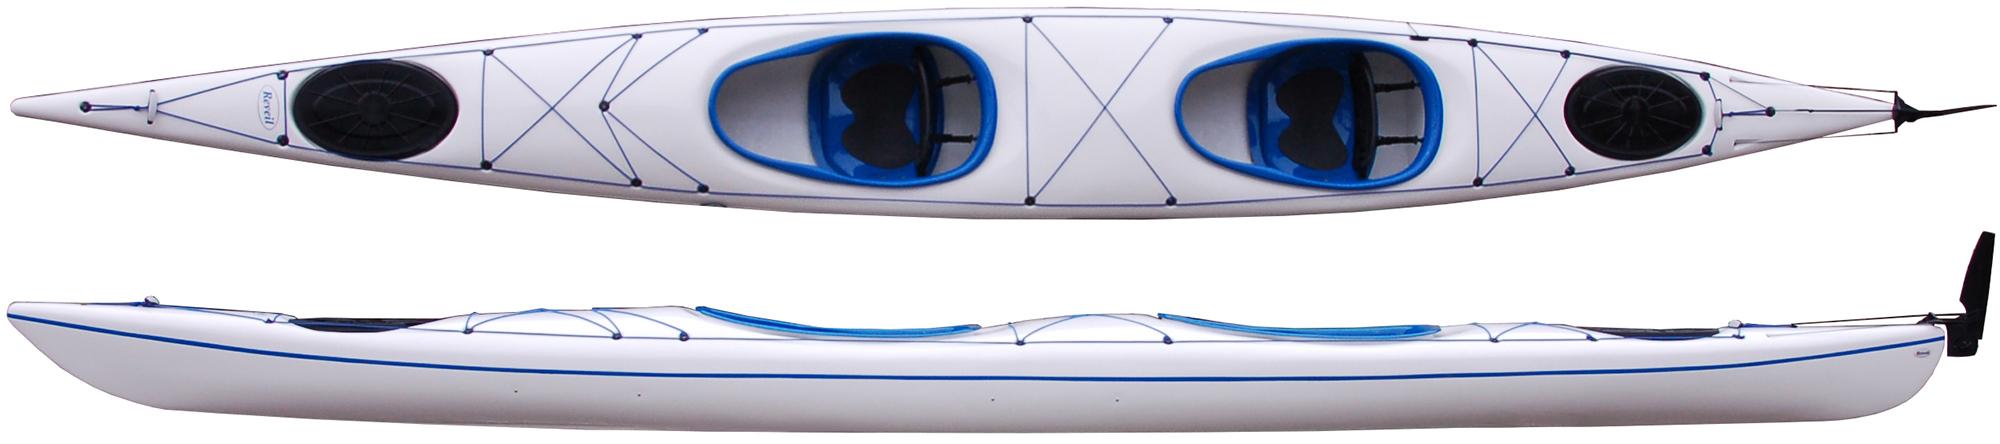 tandem kayak double seat